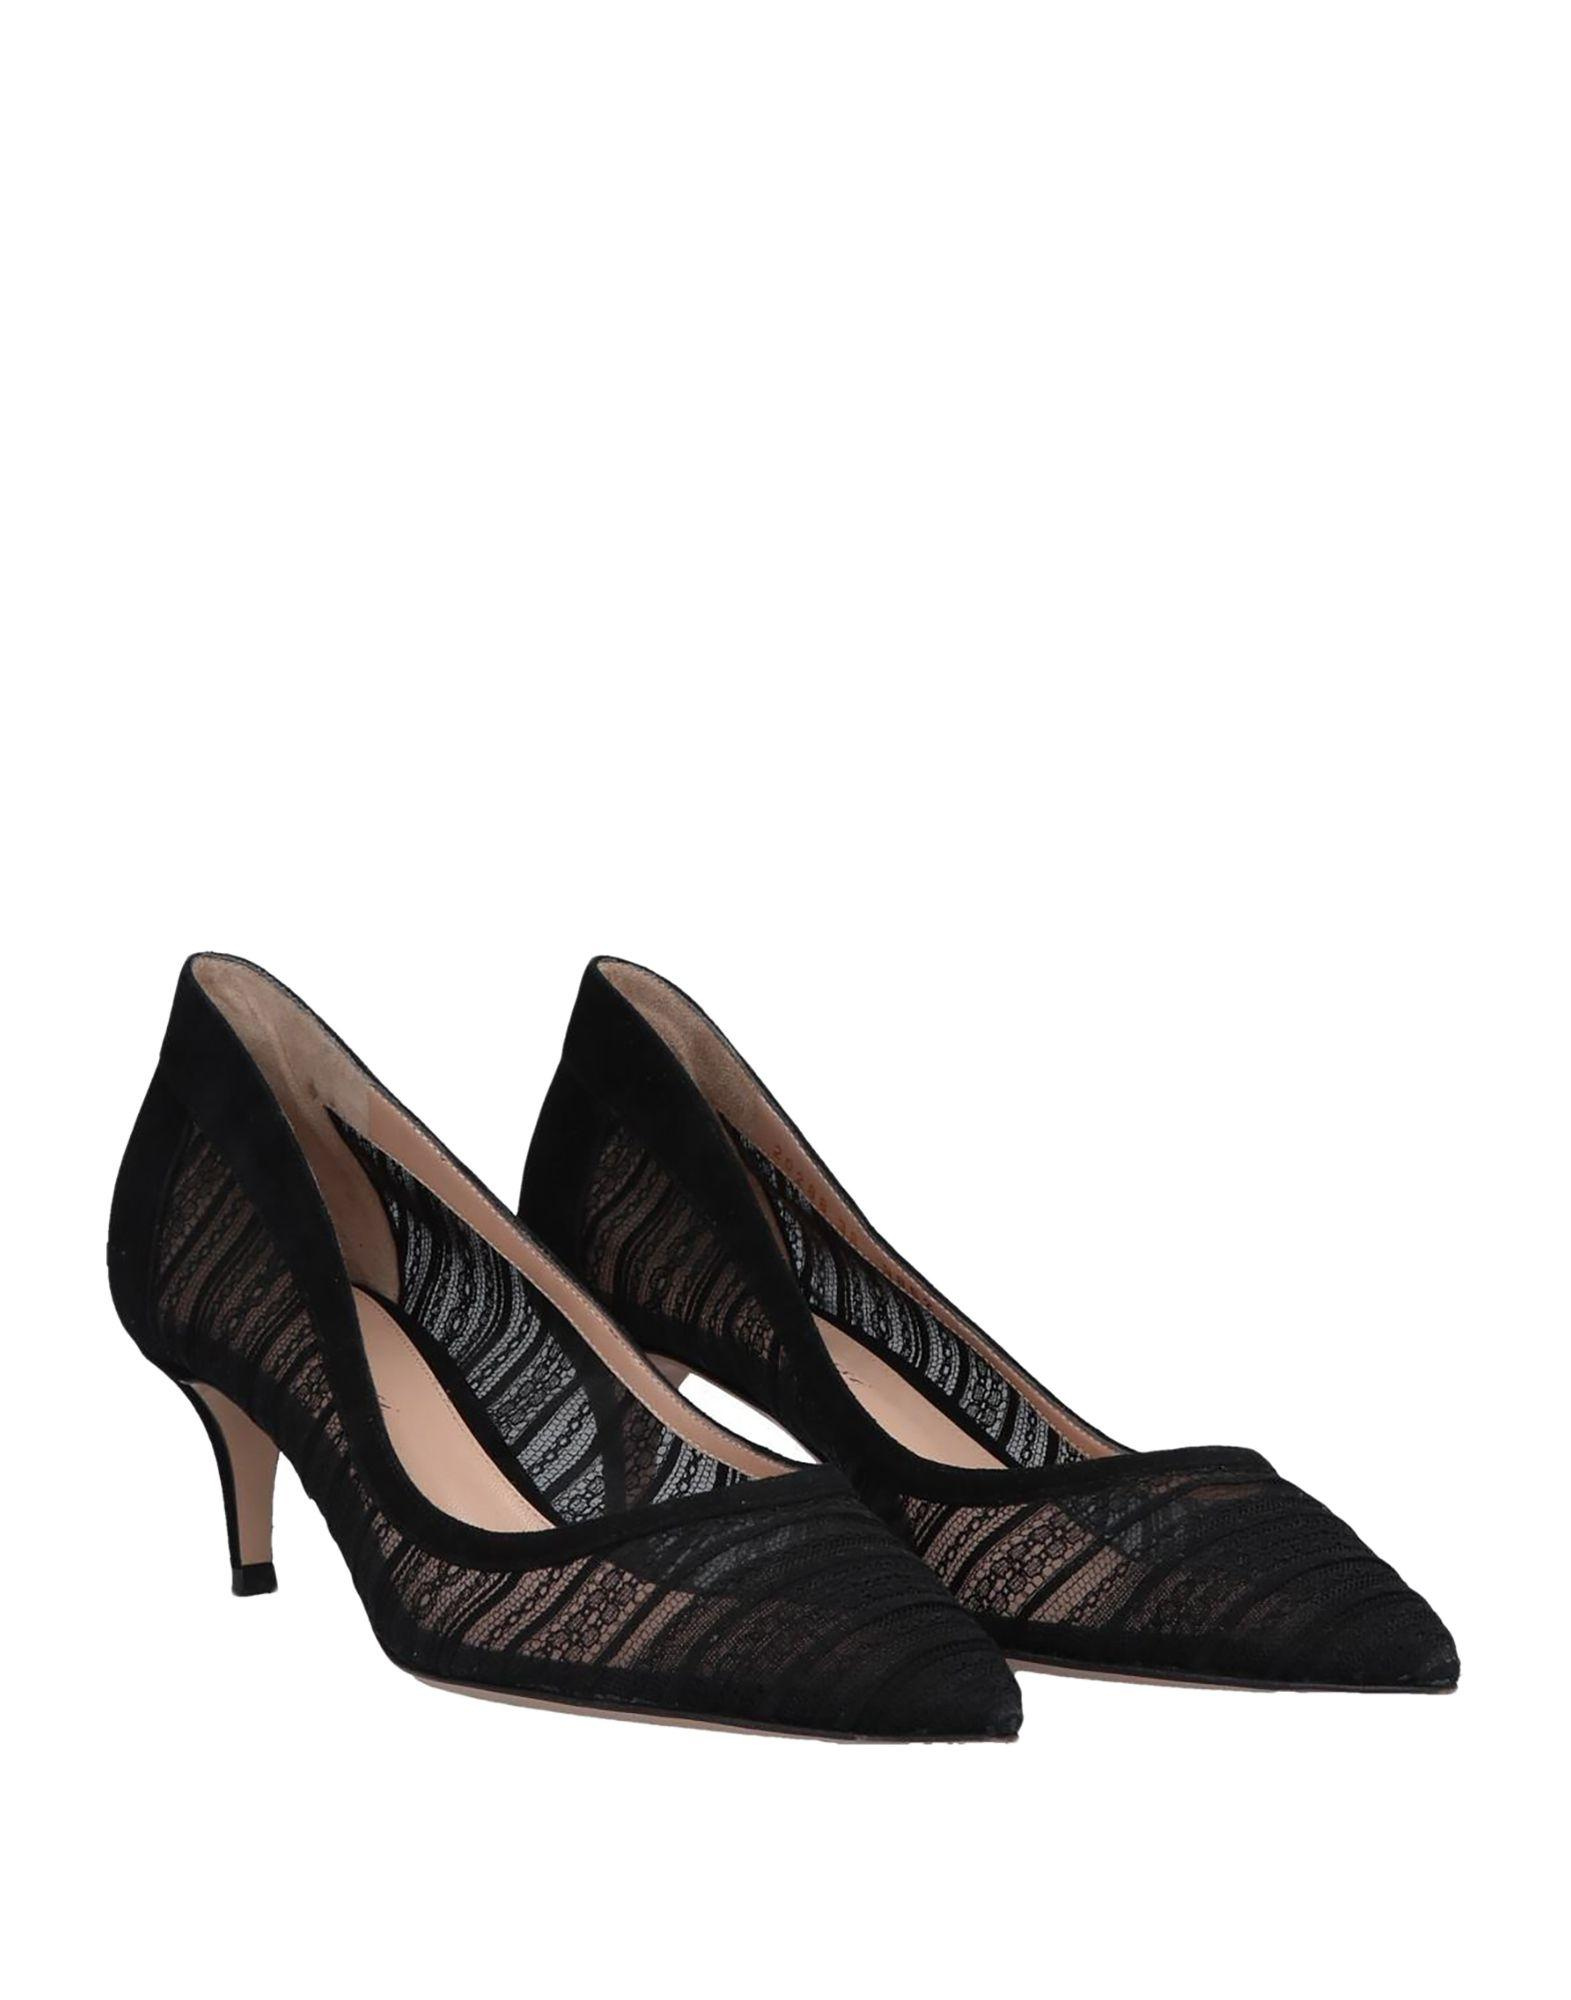 Zapatos de salón Gianvito Rossi de Encaje de color Negro